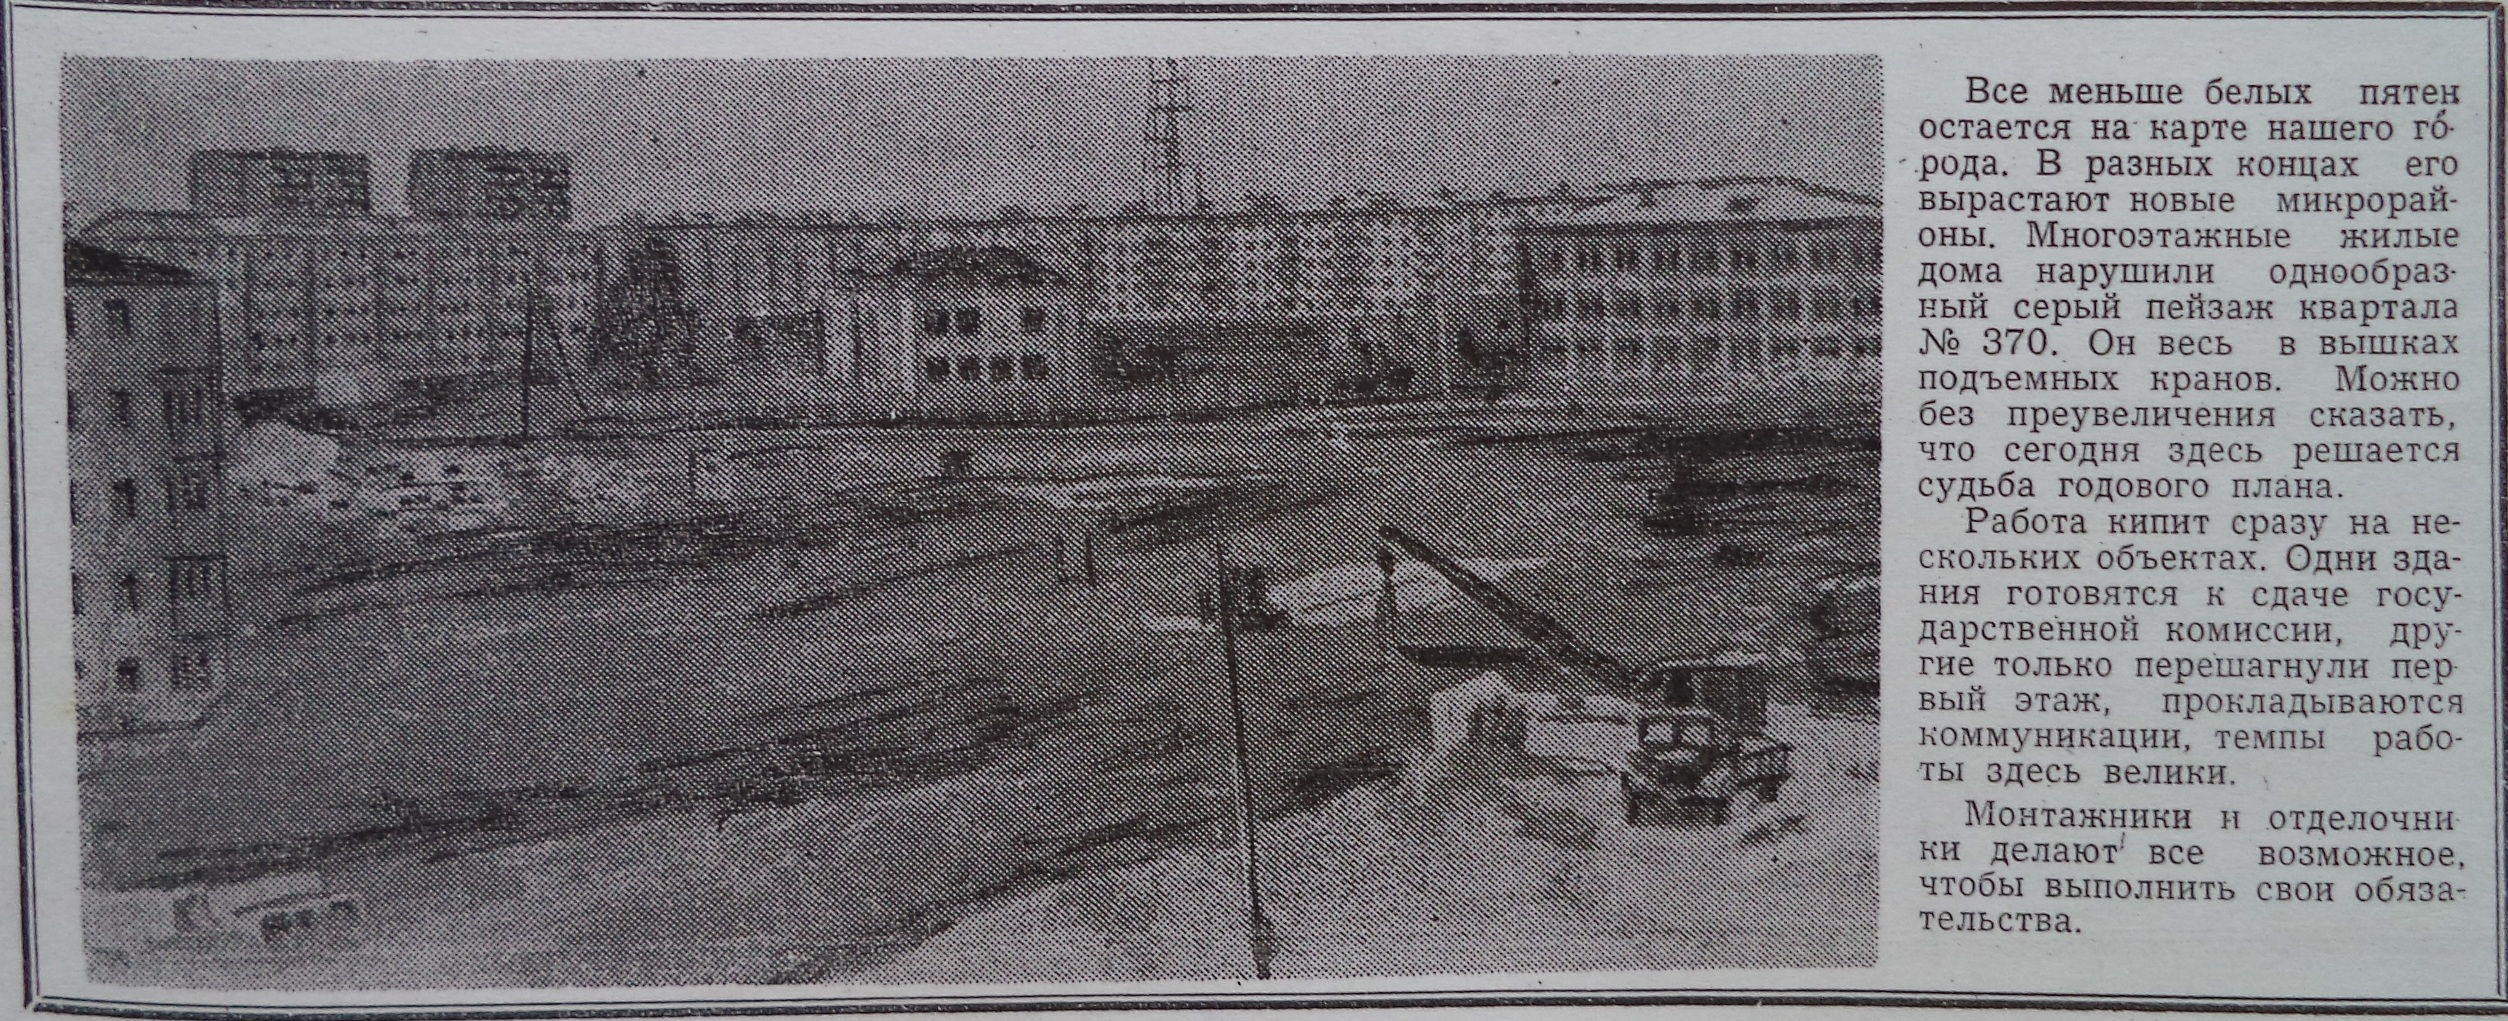 Мориса Тореза-ФОТО-65-Труд Строителя-1967-2 декабря